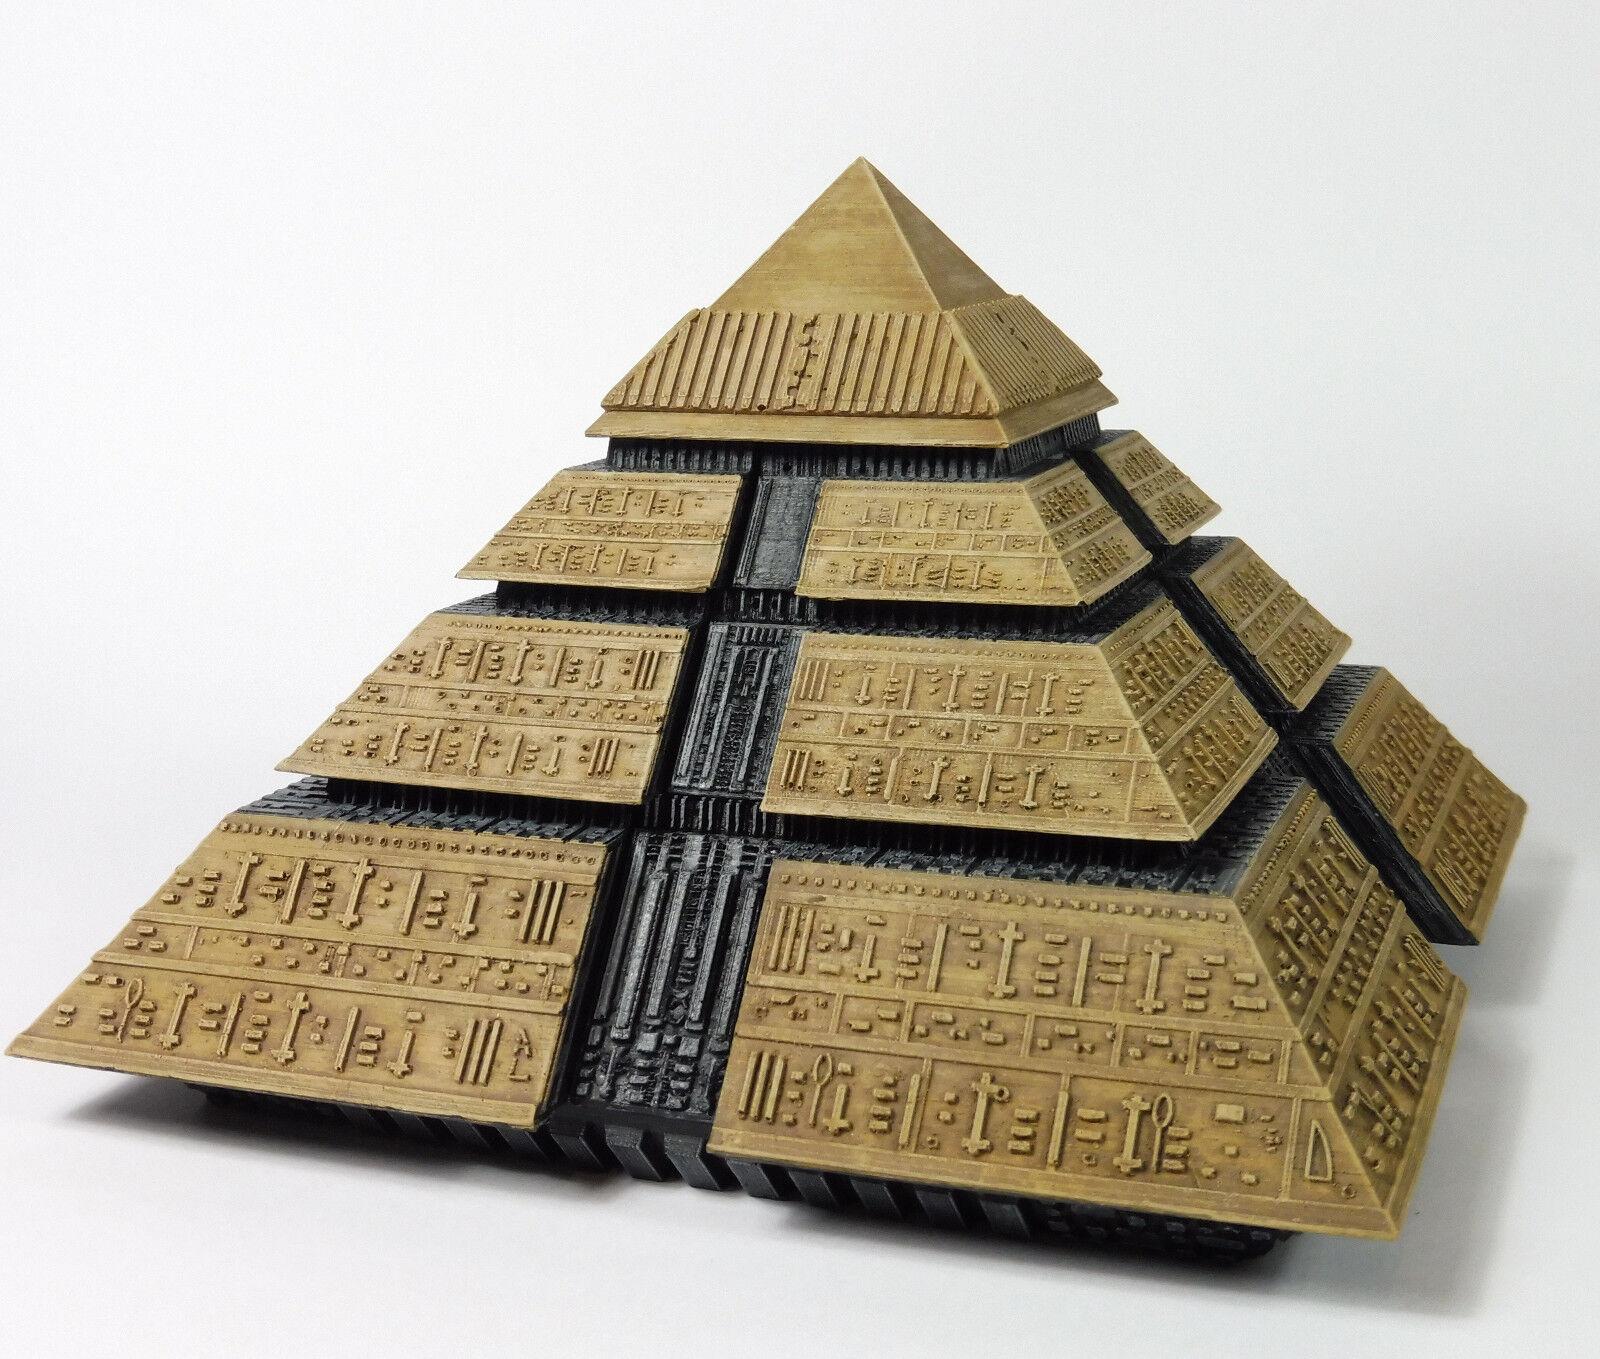 estrellagate Ra's Pyramid modellololo film di resina kit 1995 (Sold Unpaid)